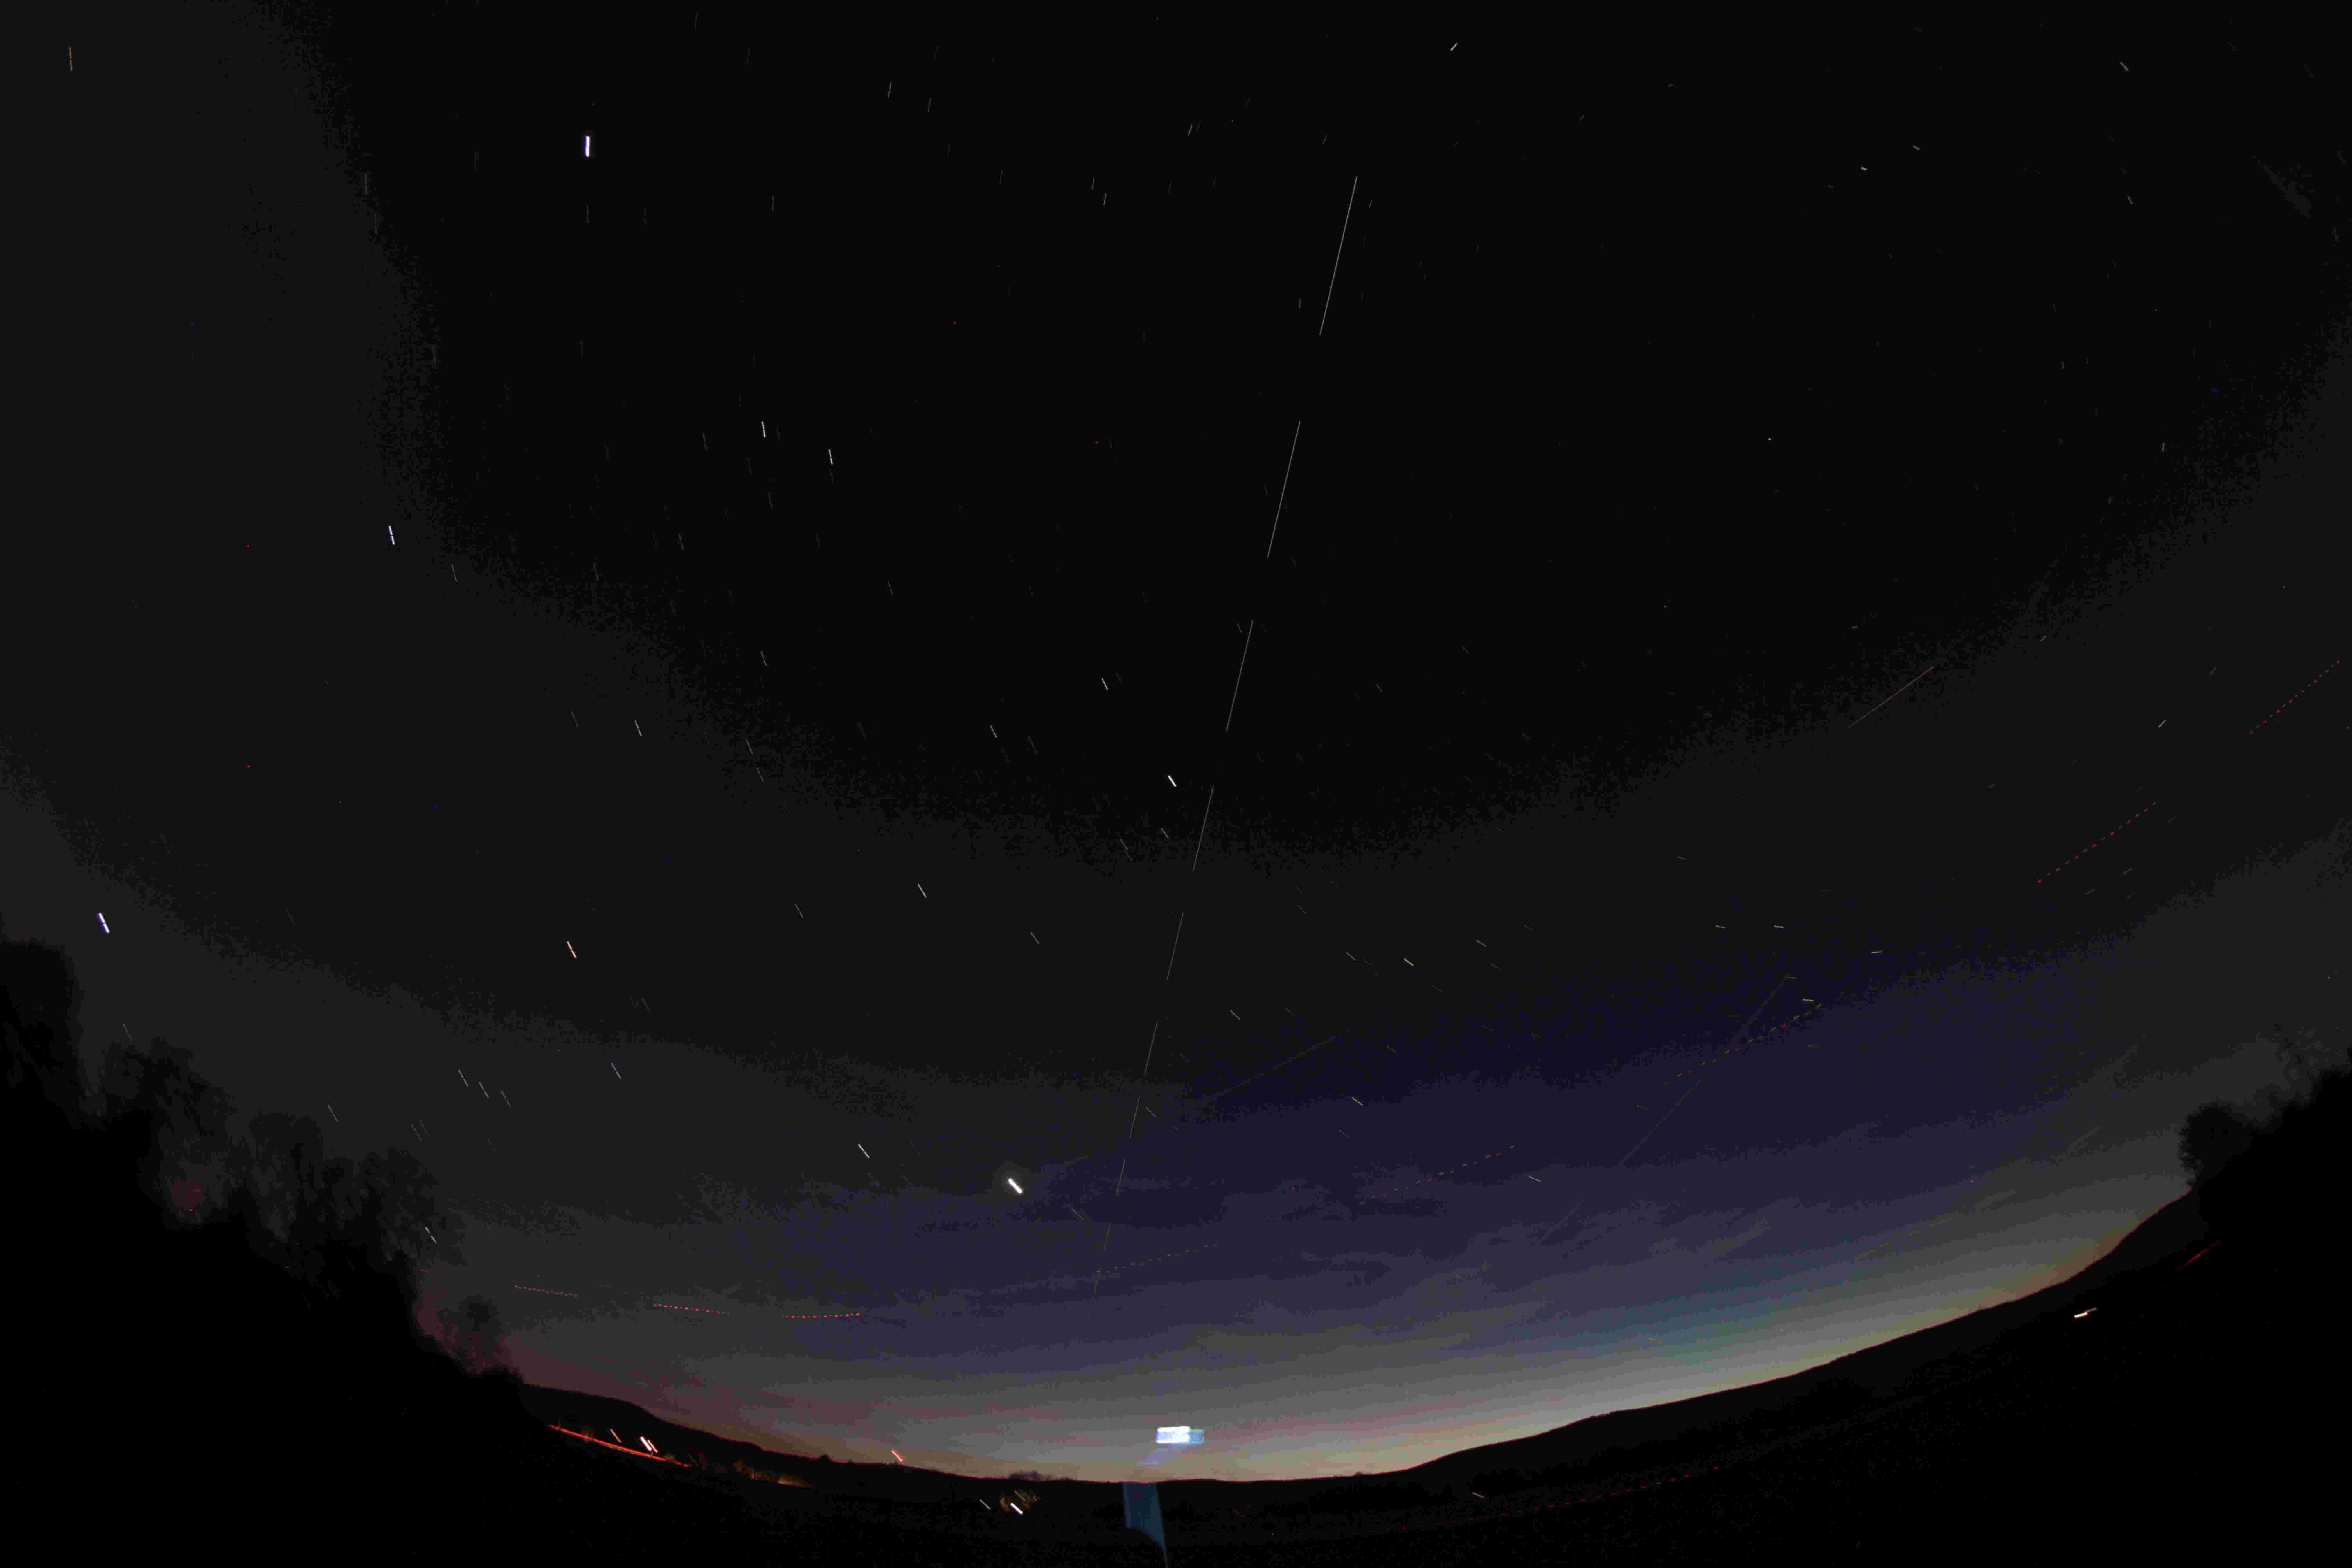 Überlagerung aller Aufnahmen zu einem Gesamtbild zeigt schön die Leuchtspur der Internationalen Raumstation.